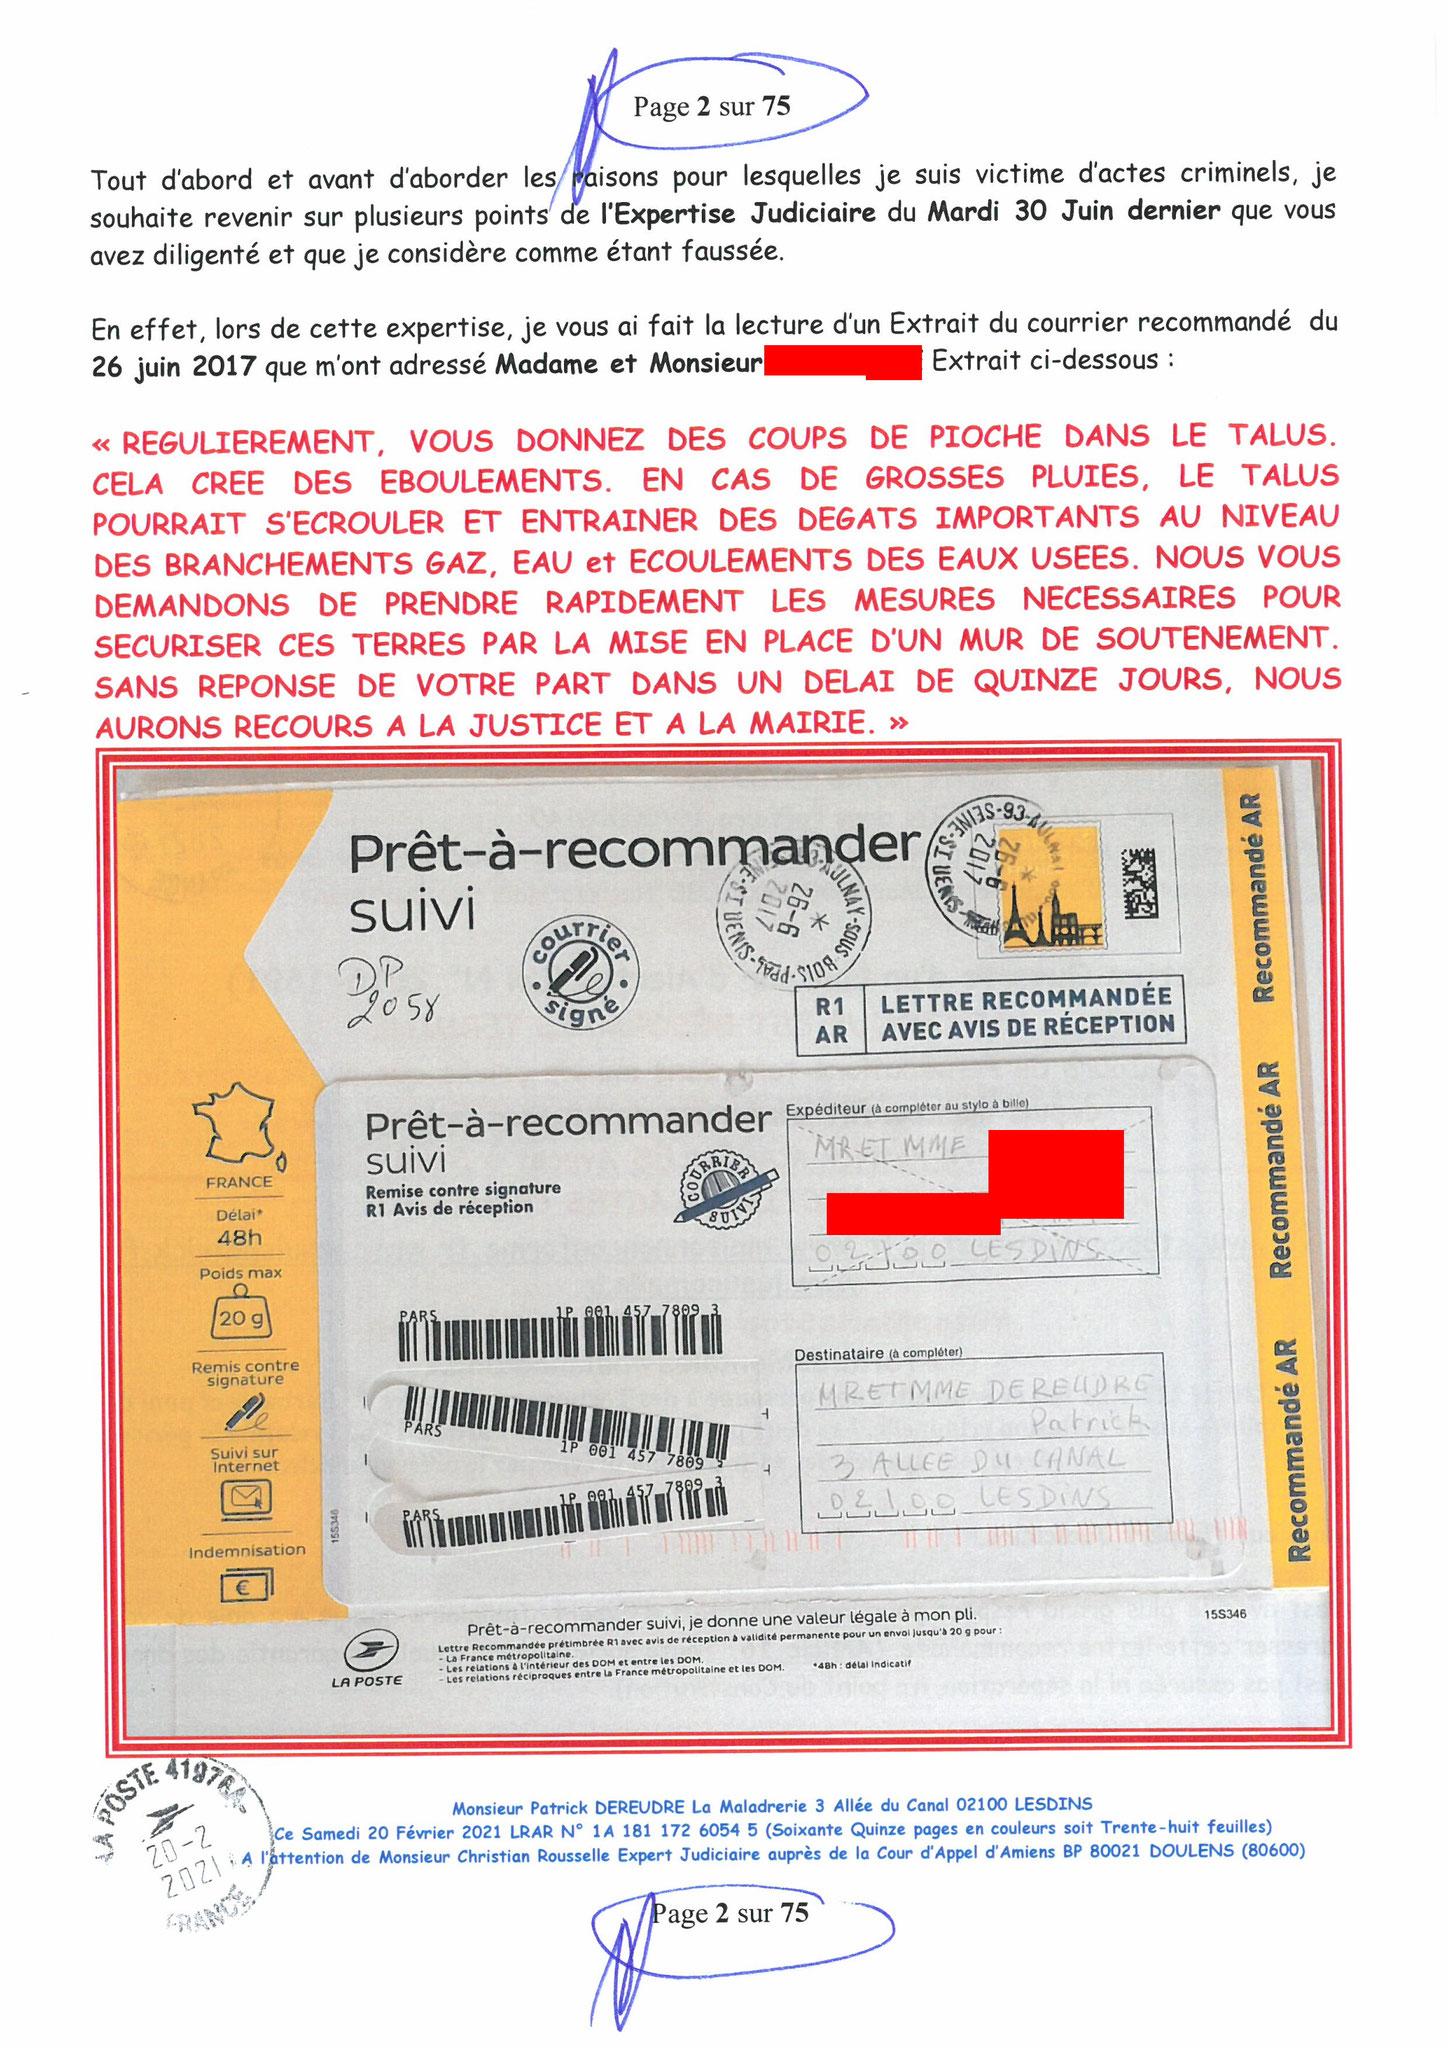 Page 2 Ma  Lettre Recommandée à Monsieur Christian ROUSSELLE Expert Judiciaire auprès de la Cour d'Appel d'Amiens Affaire MES CHERS VOISINS nos  www.jenesuispasunchien.fr www.jesuisvictime.fr www.jesuispatrick.fr PARJURE & CORRUPTION JUSTICE REPUBLIQUE